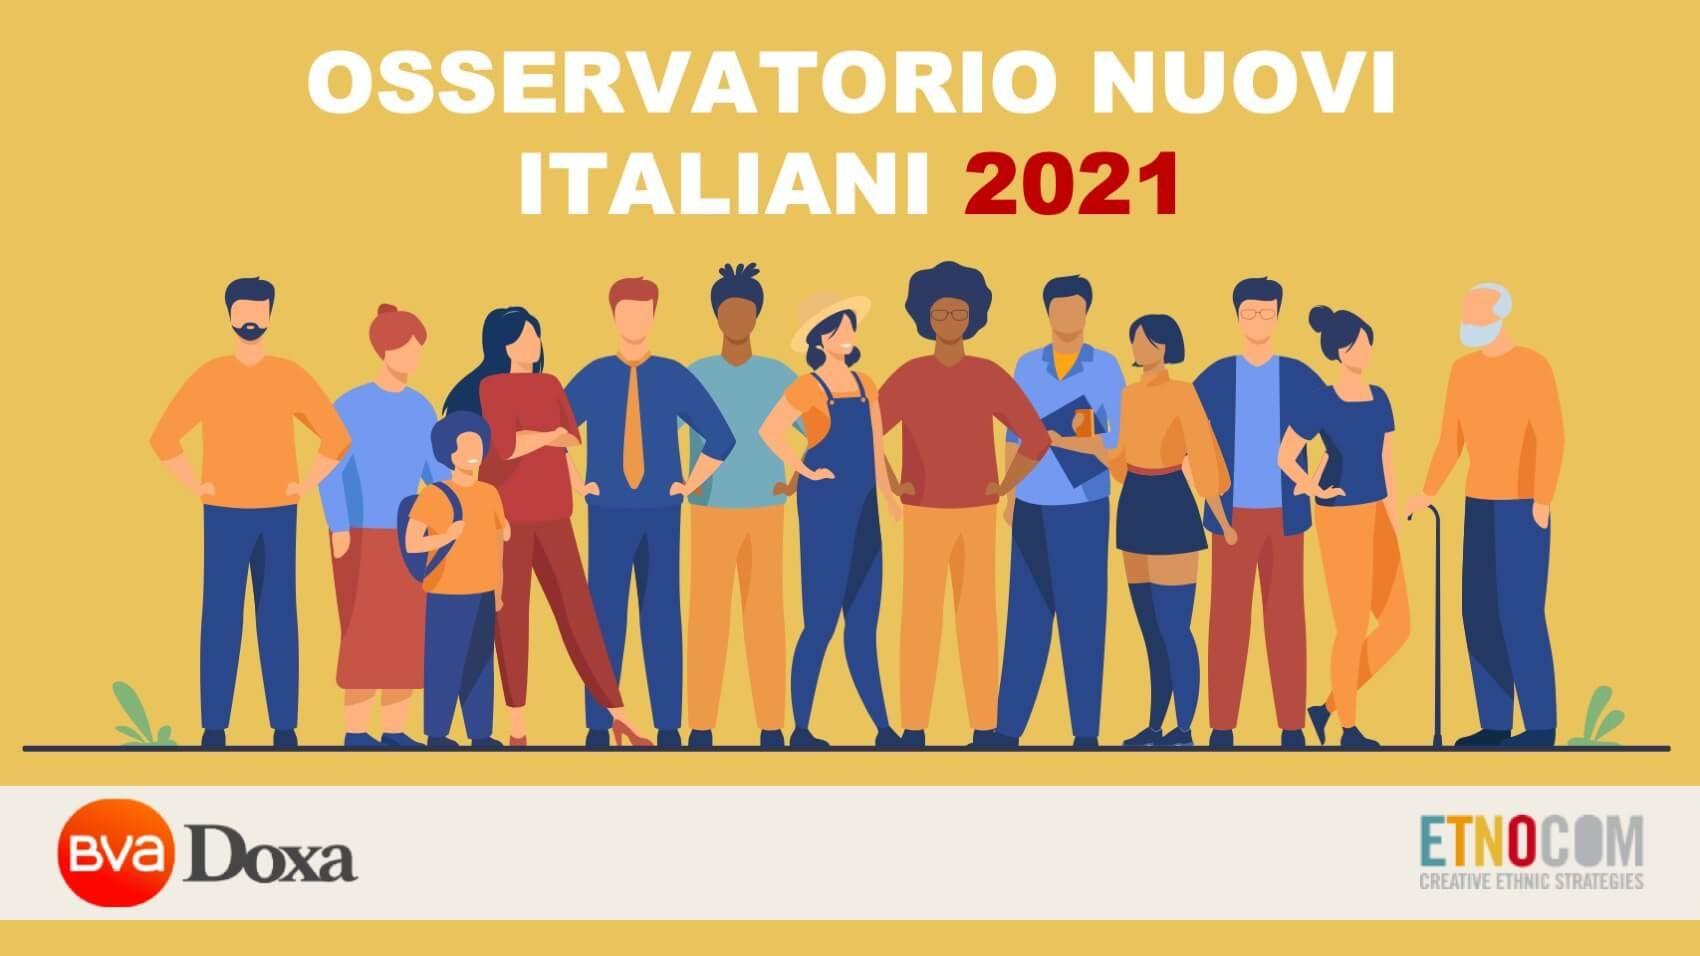 Osservatorio Nuovi Italiani 2021 01